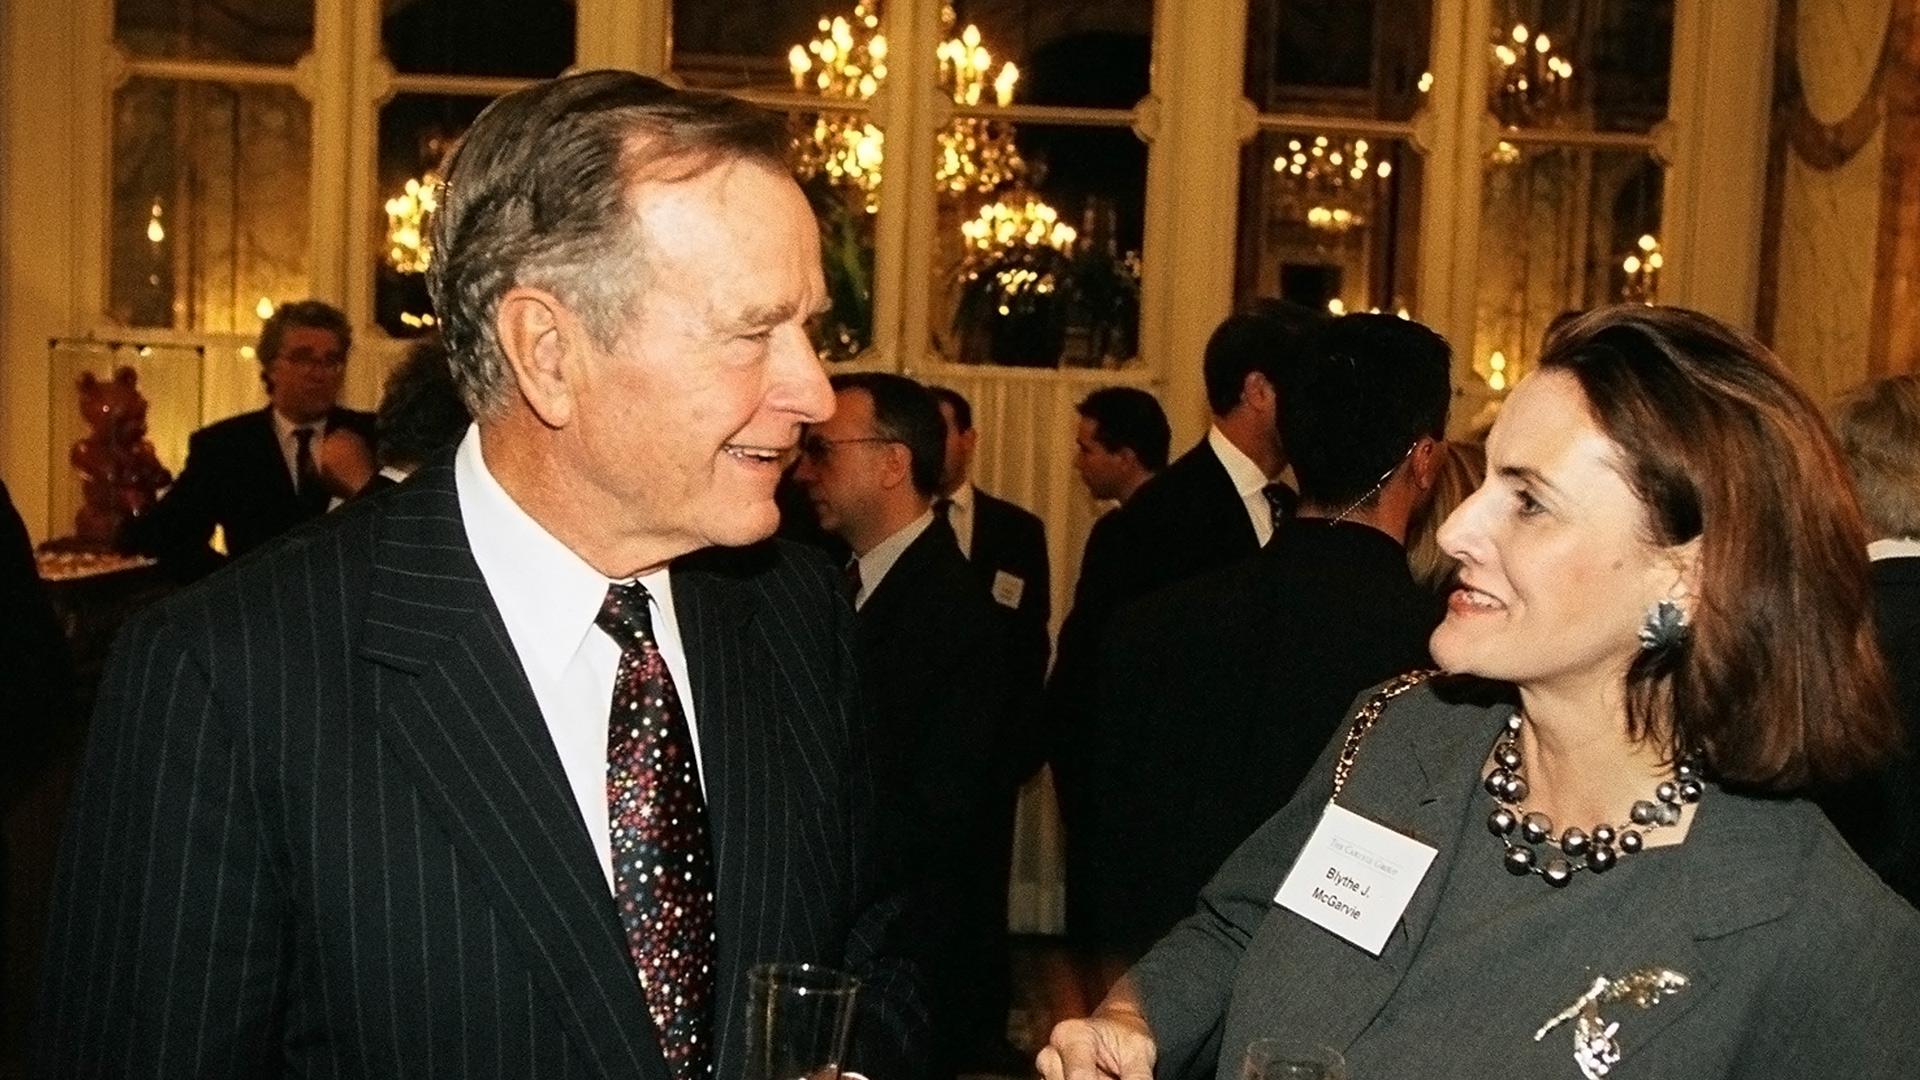 Former President George H.W. Bush at the Hotel de Crillon